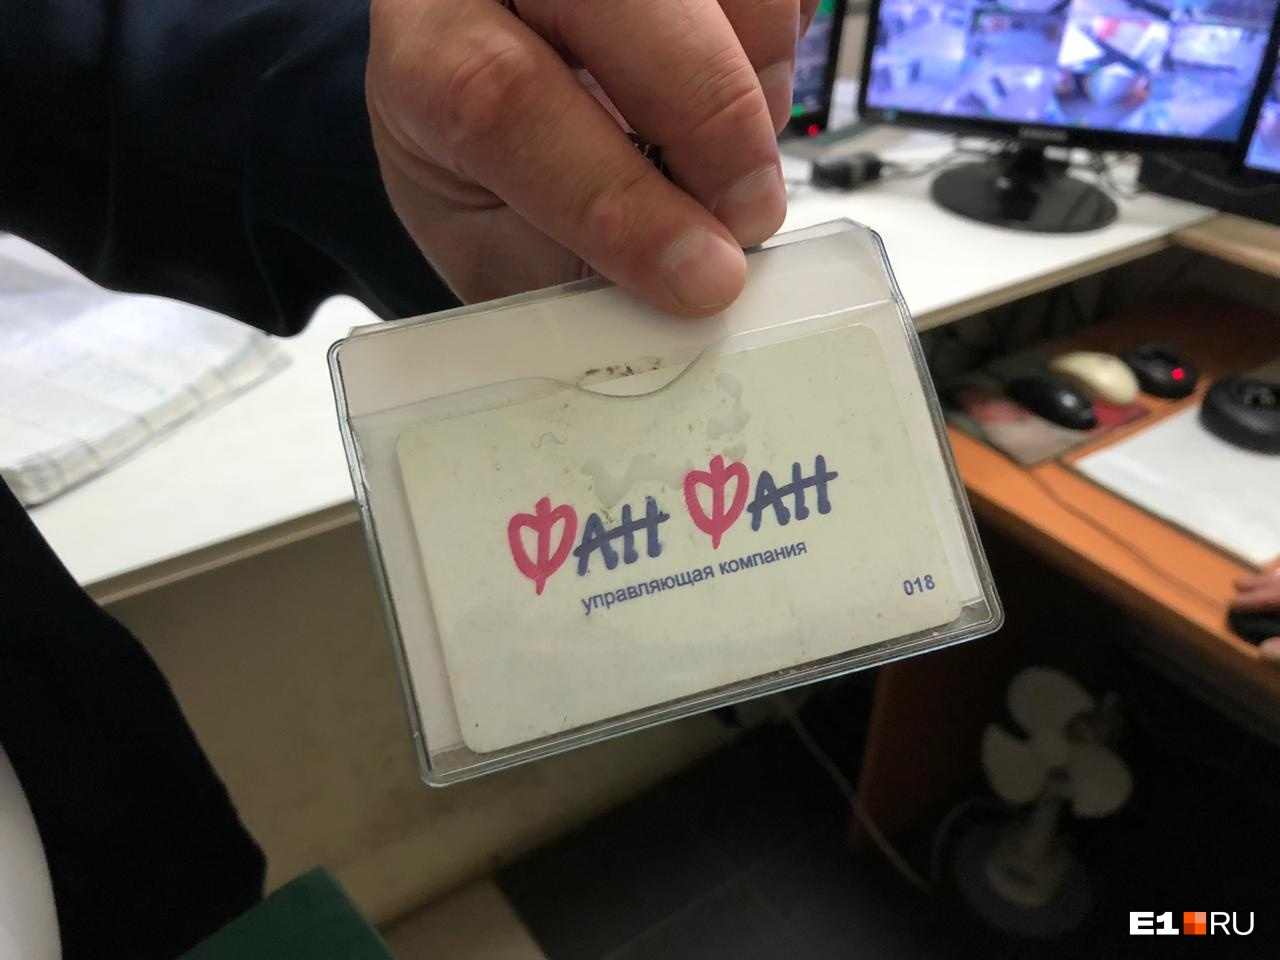 Эту личную карточку, по словам Артема Болотова, с него сорвал посетитель